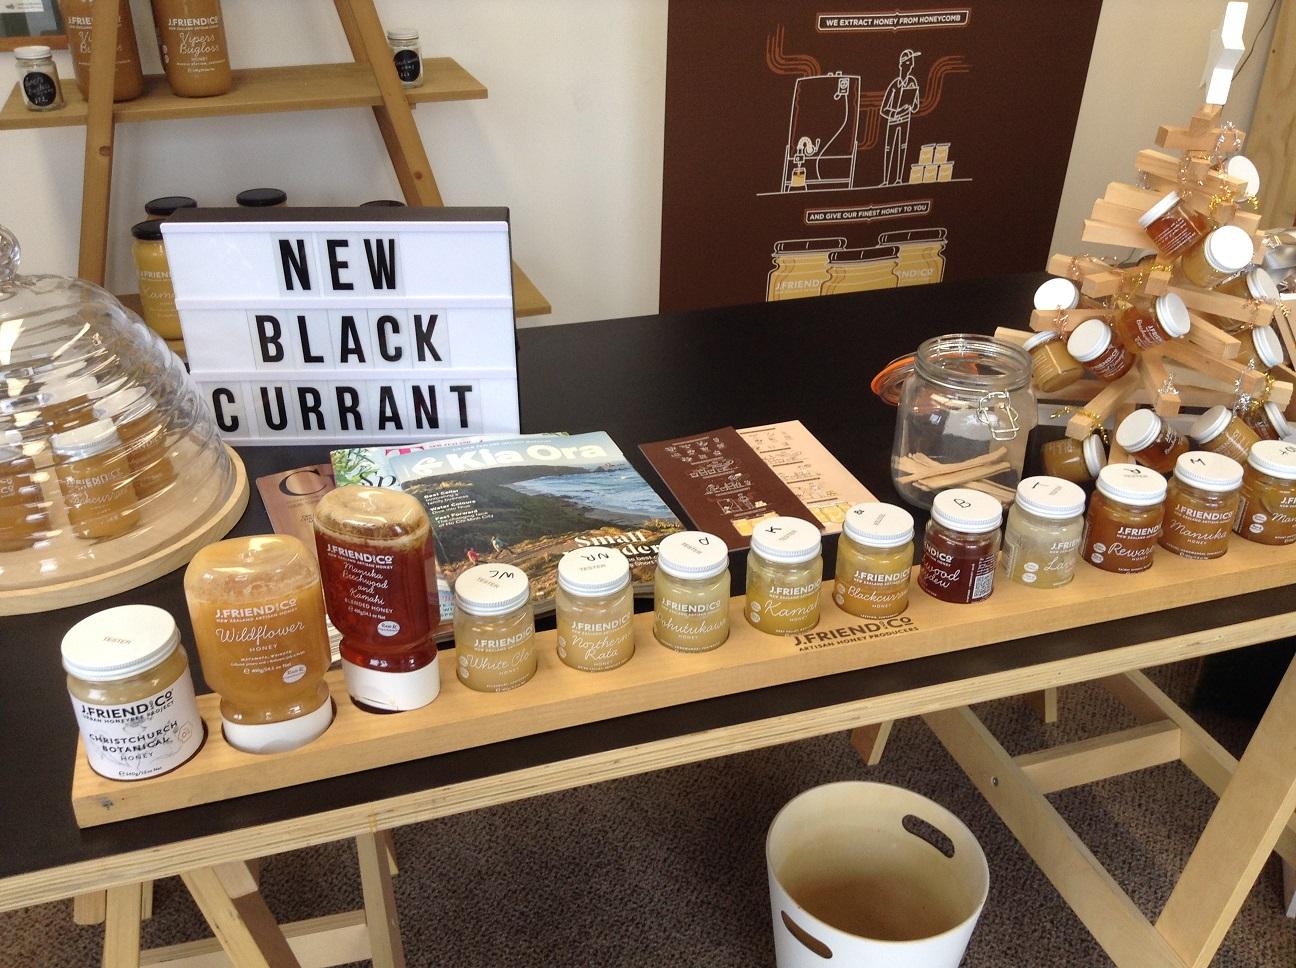 クライストチャーチにとっても可愛い蜂蜜屋さんを見つけたんです。ここのオーガニック蜂蜜はお土産に超お勧めです。